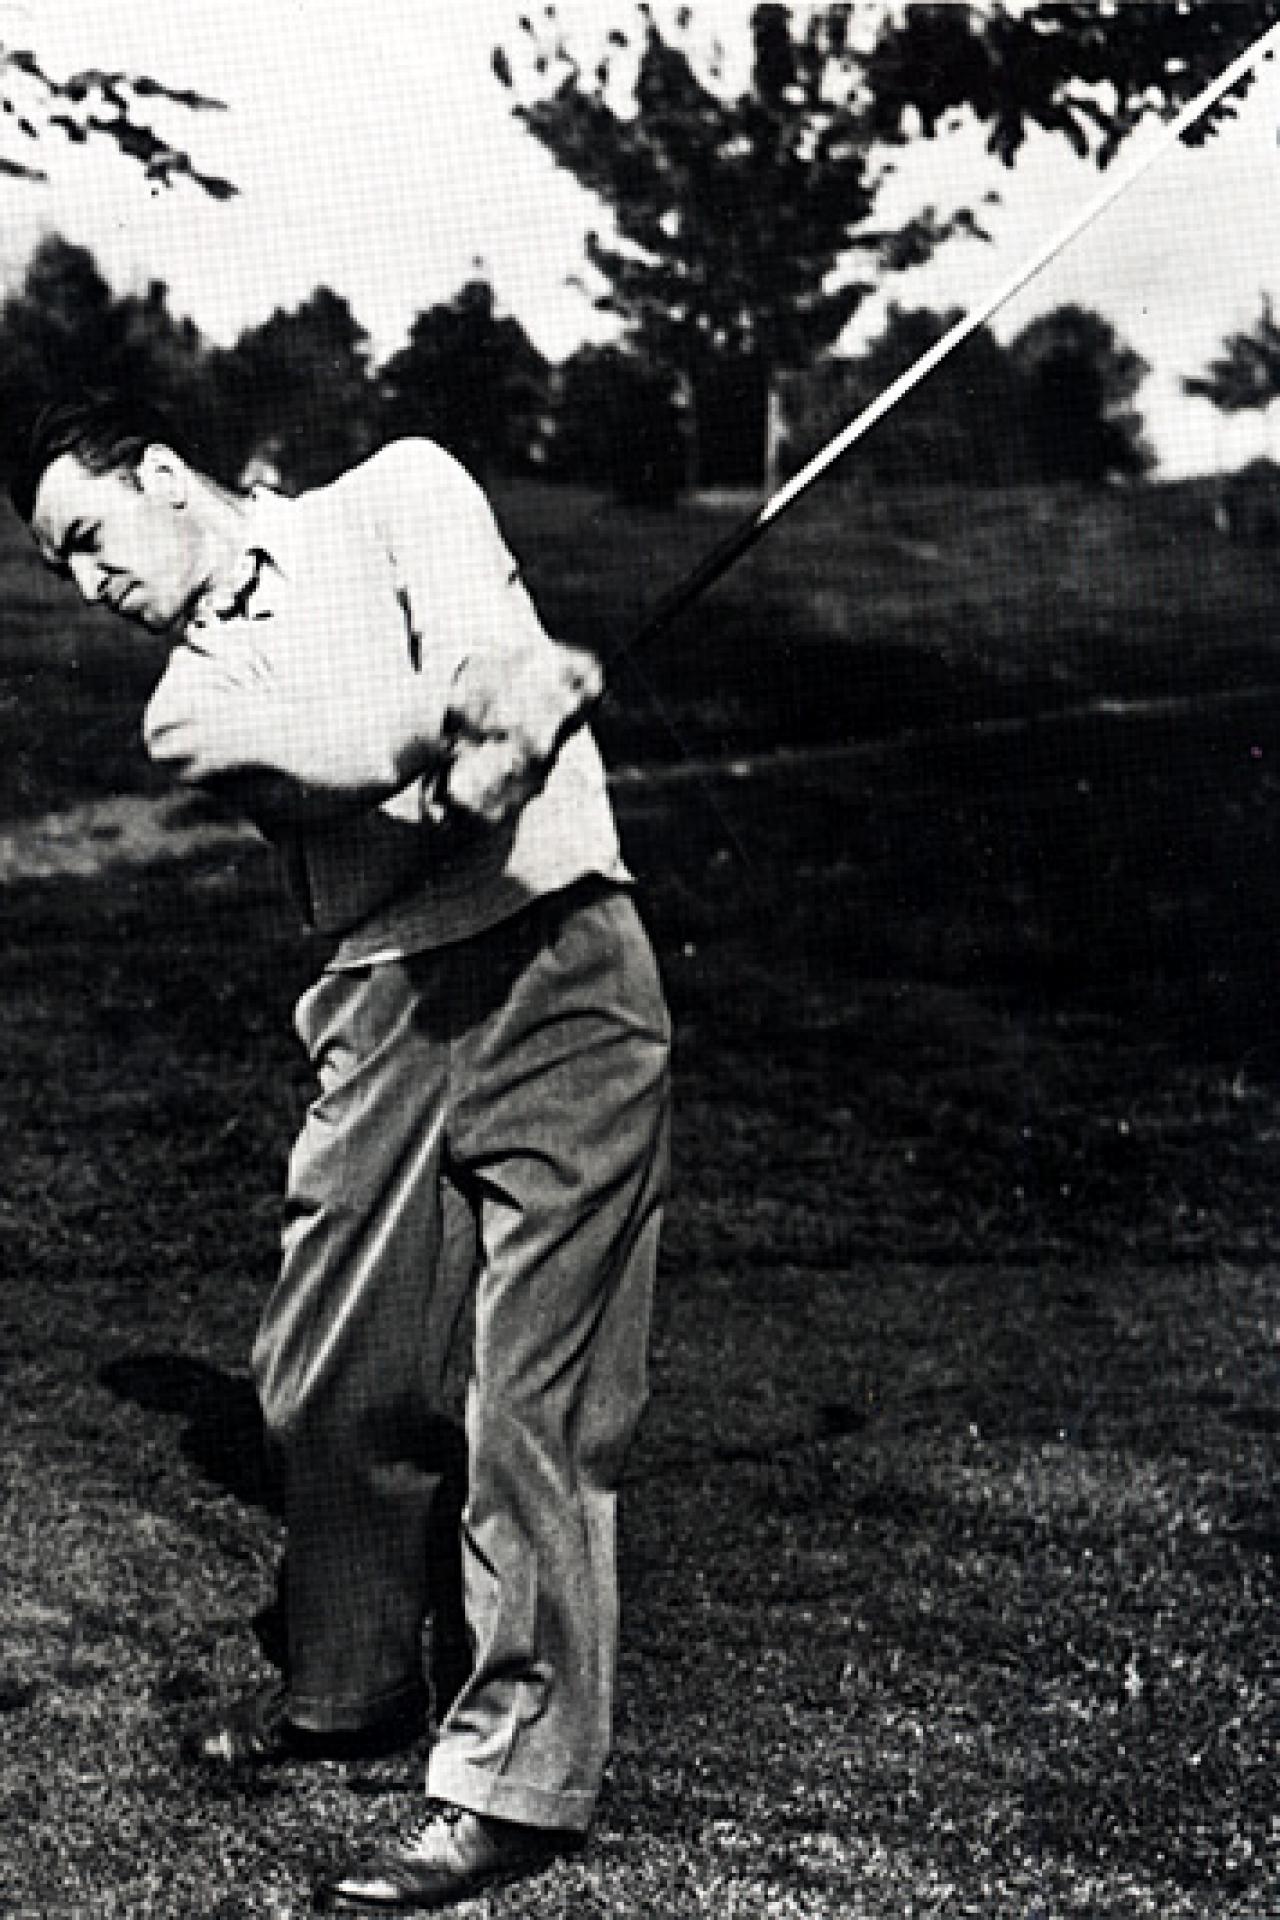 Golf Instruction: Ben Hogan's Timeless Tips   Instruction   Golf ...